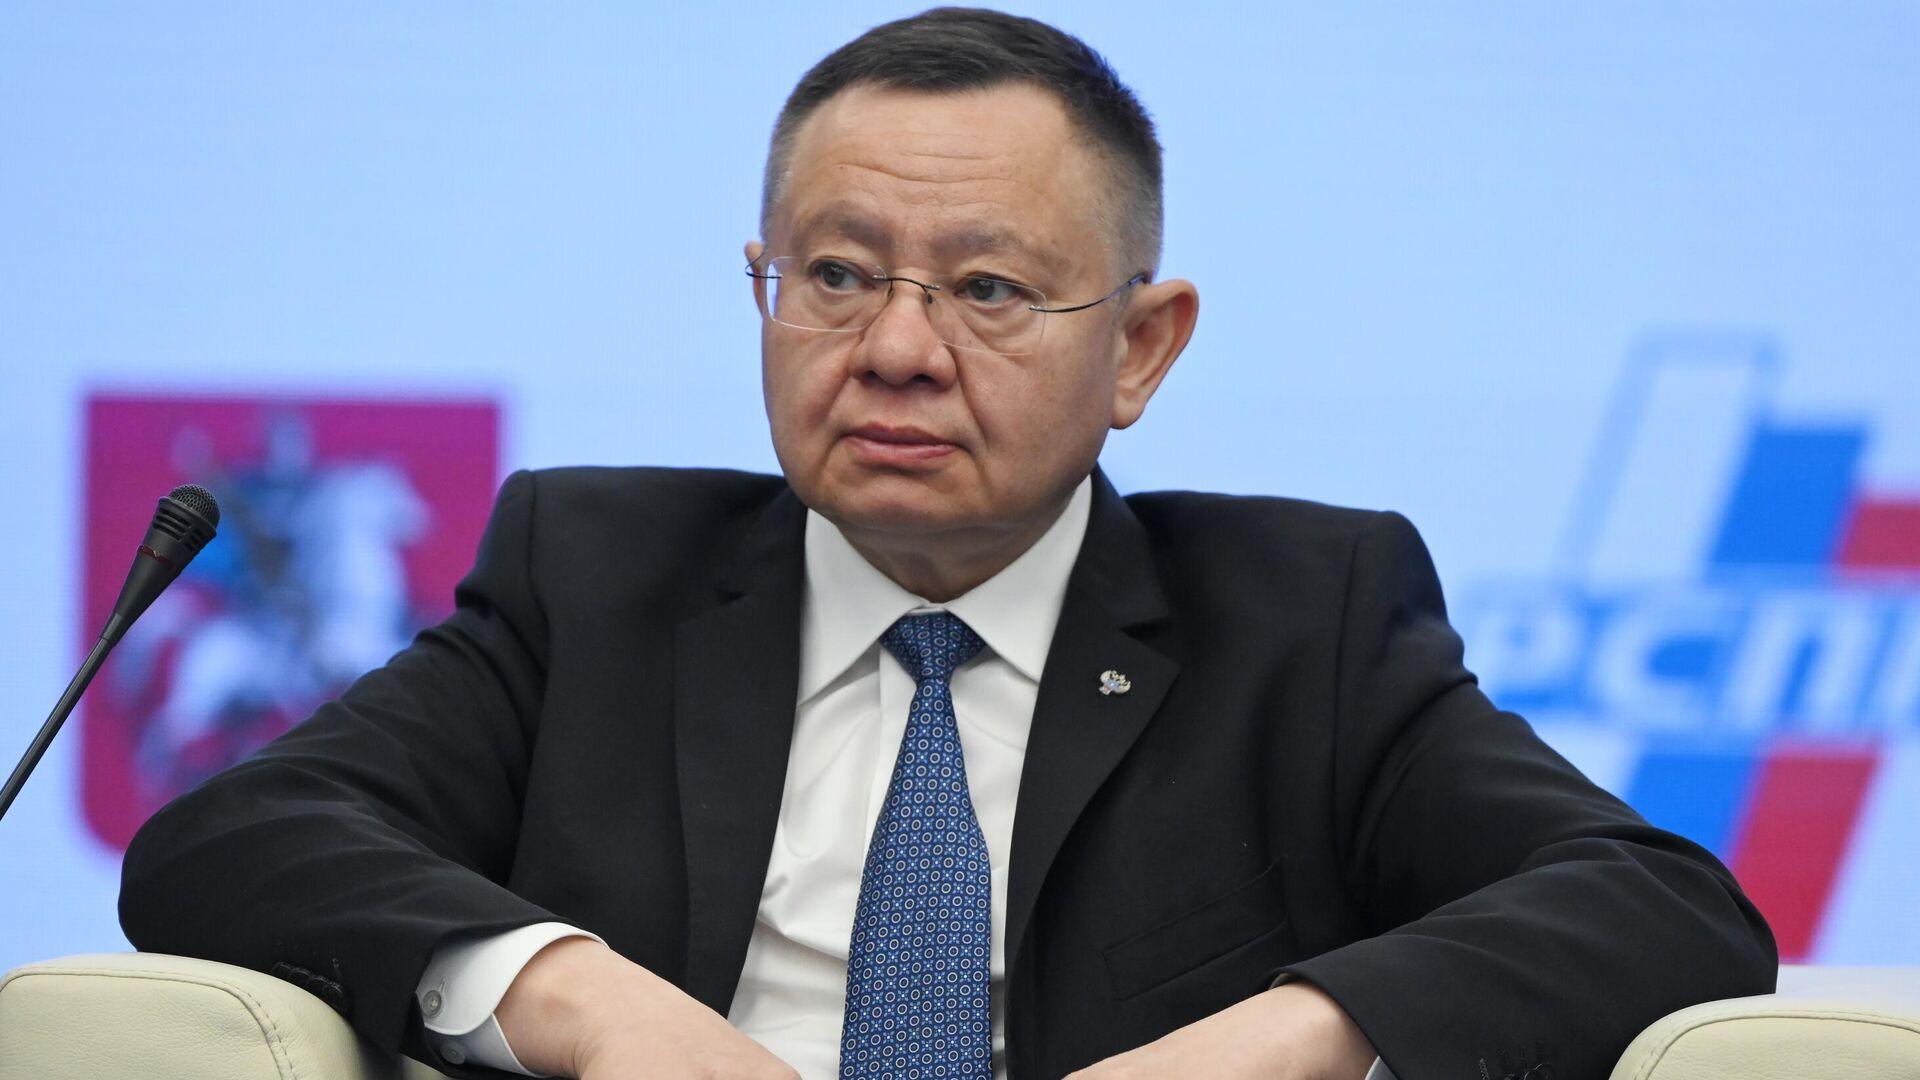 Министр строительства и жилищно-коммунального хозяйства РФ Ирек Файзуллин - РИА Новости, 1920, 16.04.2021